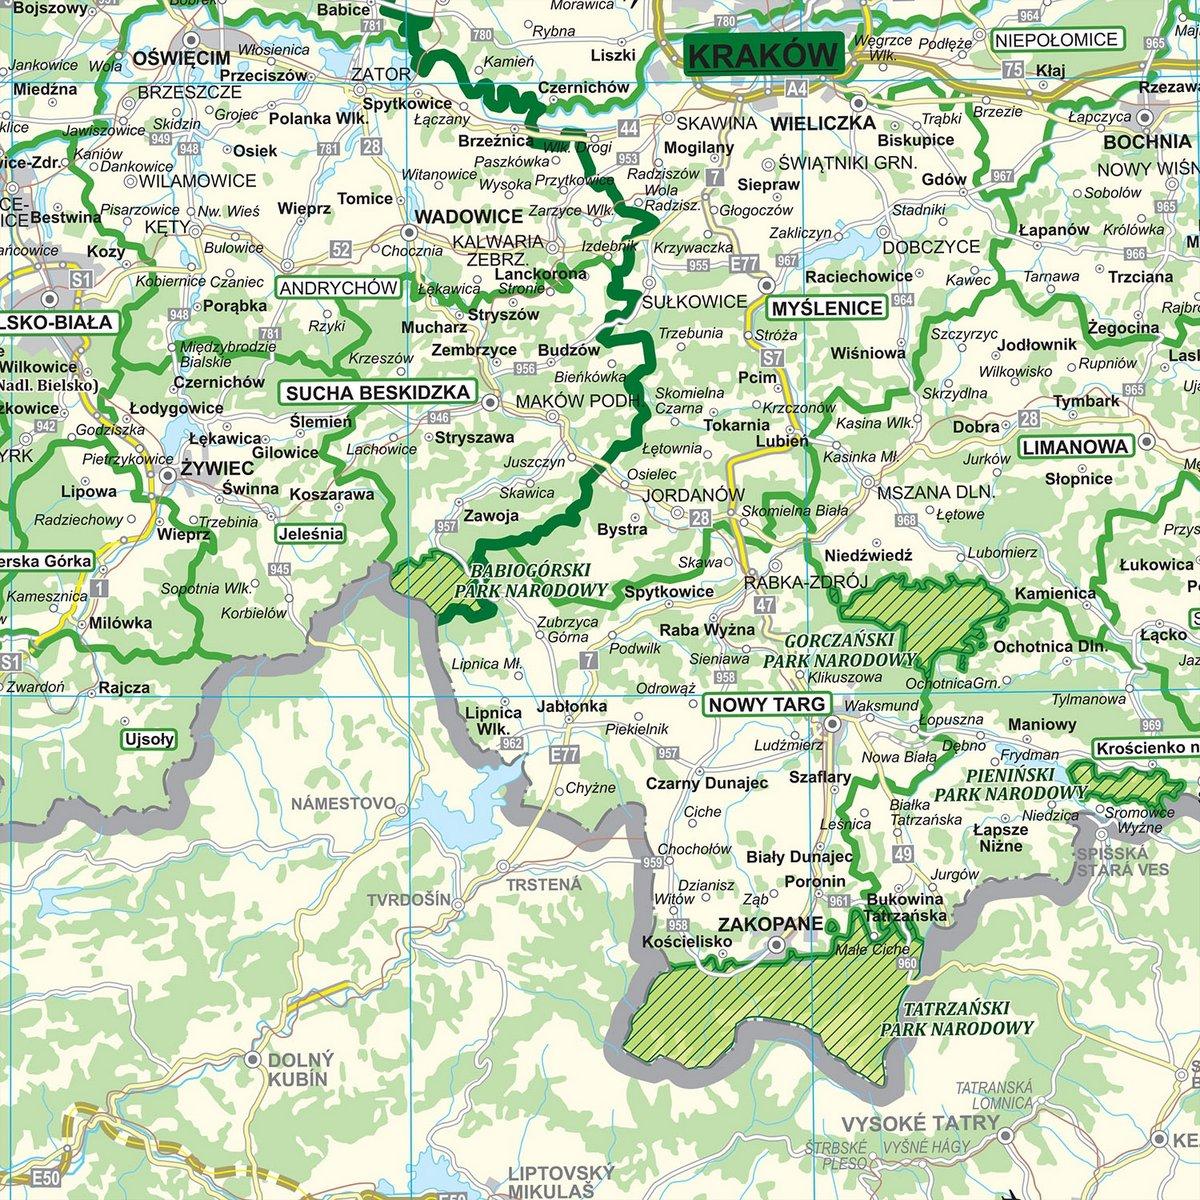 Polska Podzial Organizacyjny Lasow Panstwowych Mapa Scienna 1